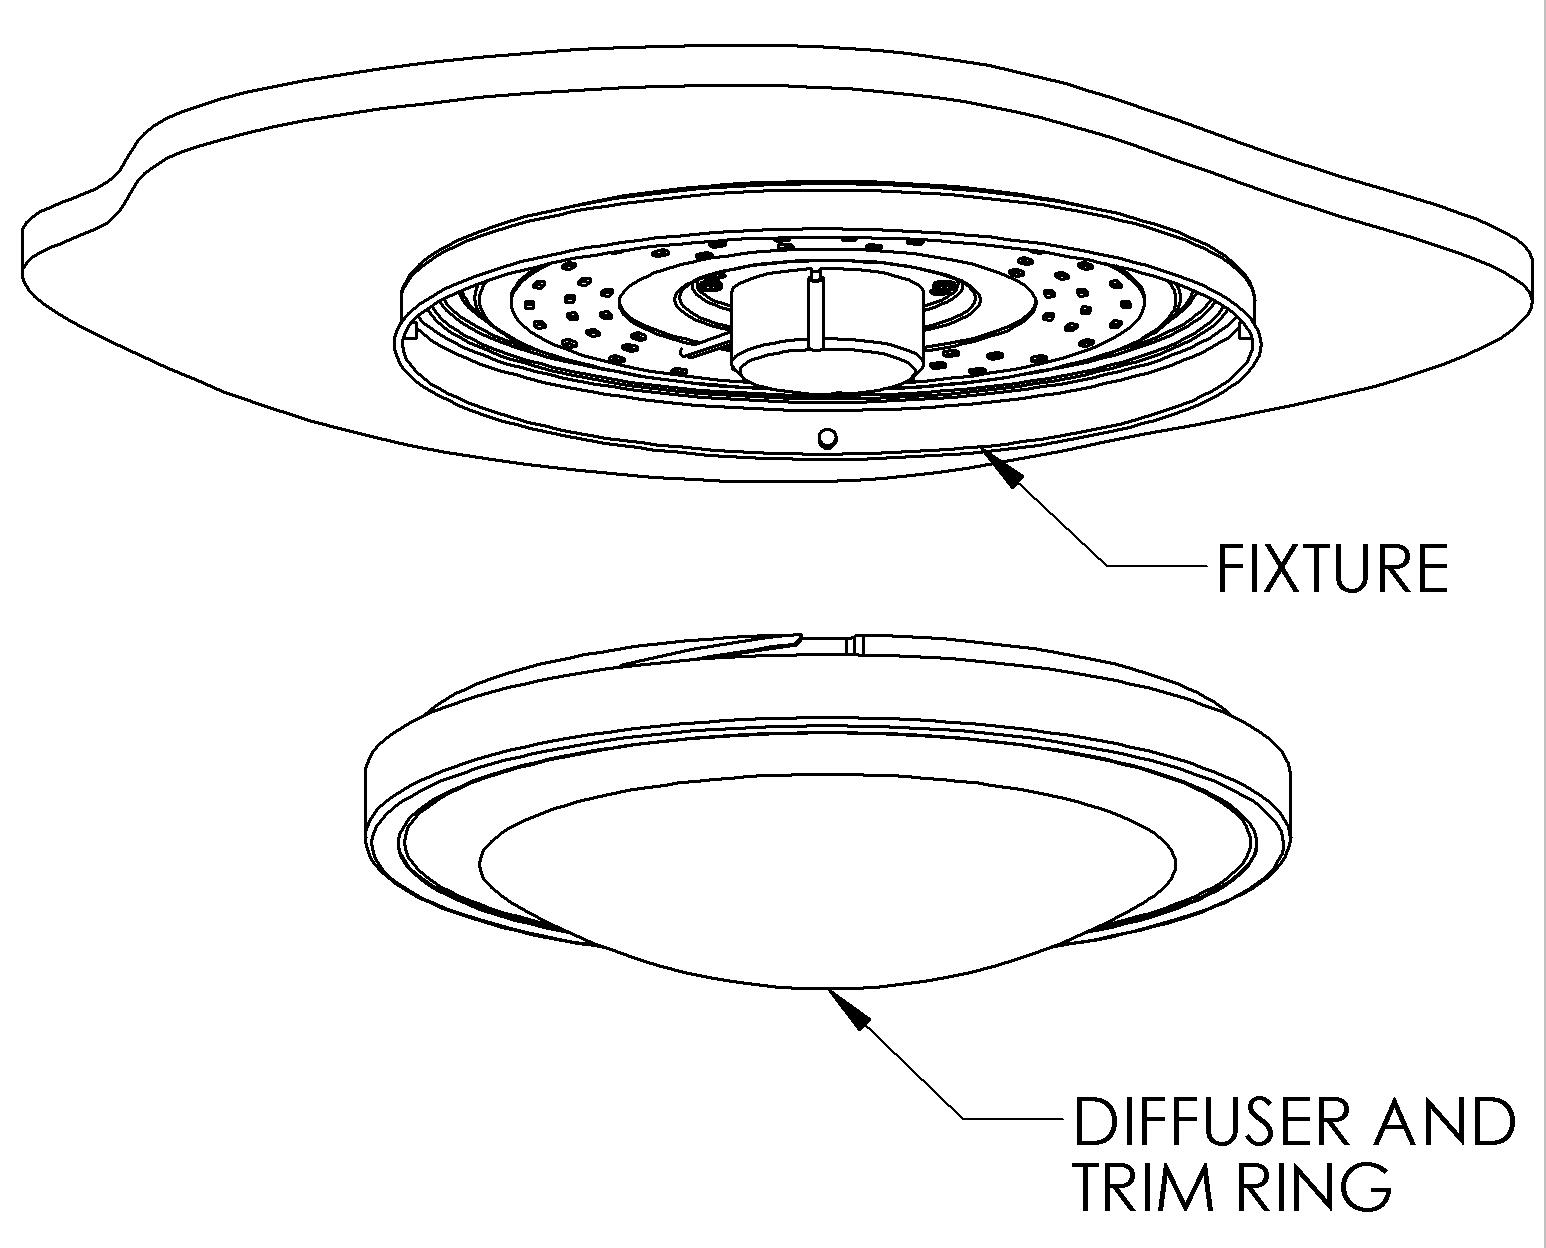 1546x1248 12 flush mount led ceiling light w white housing